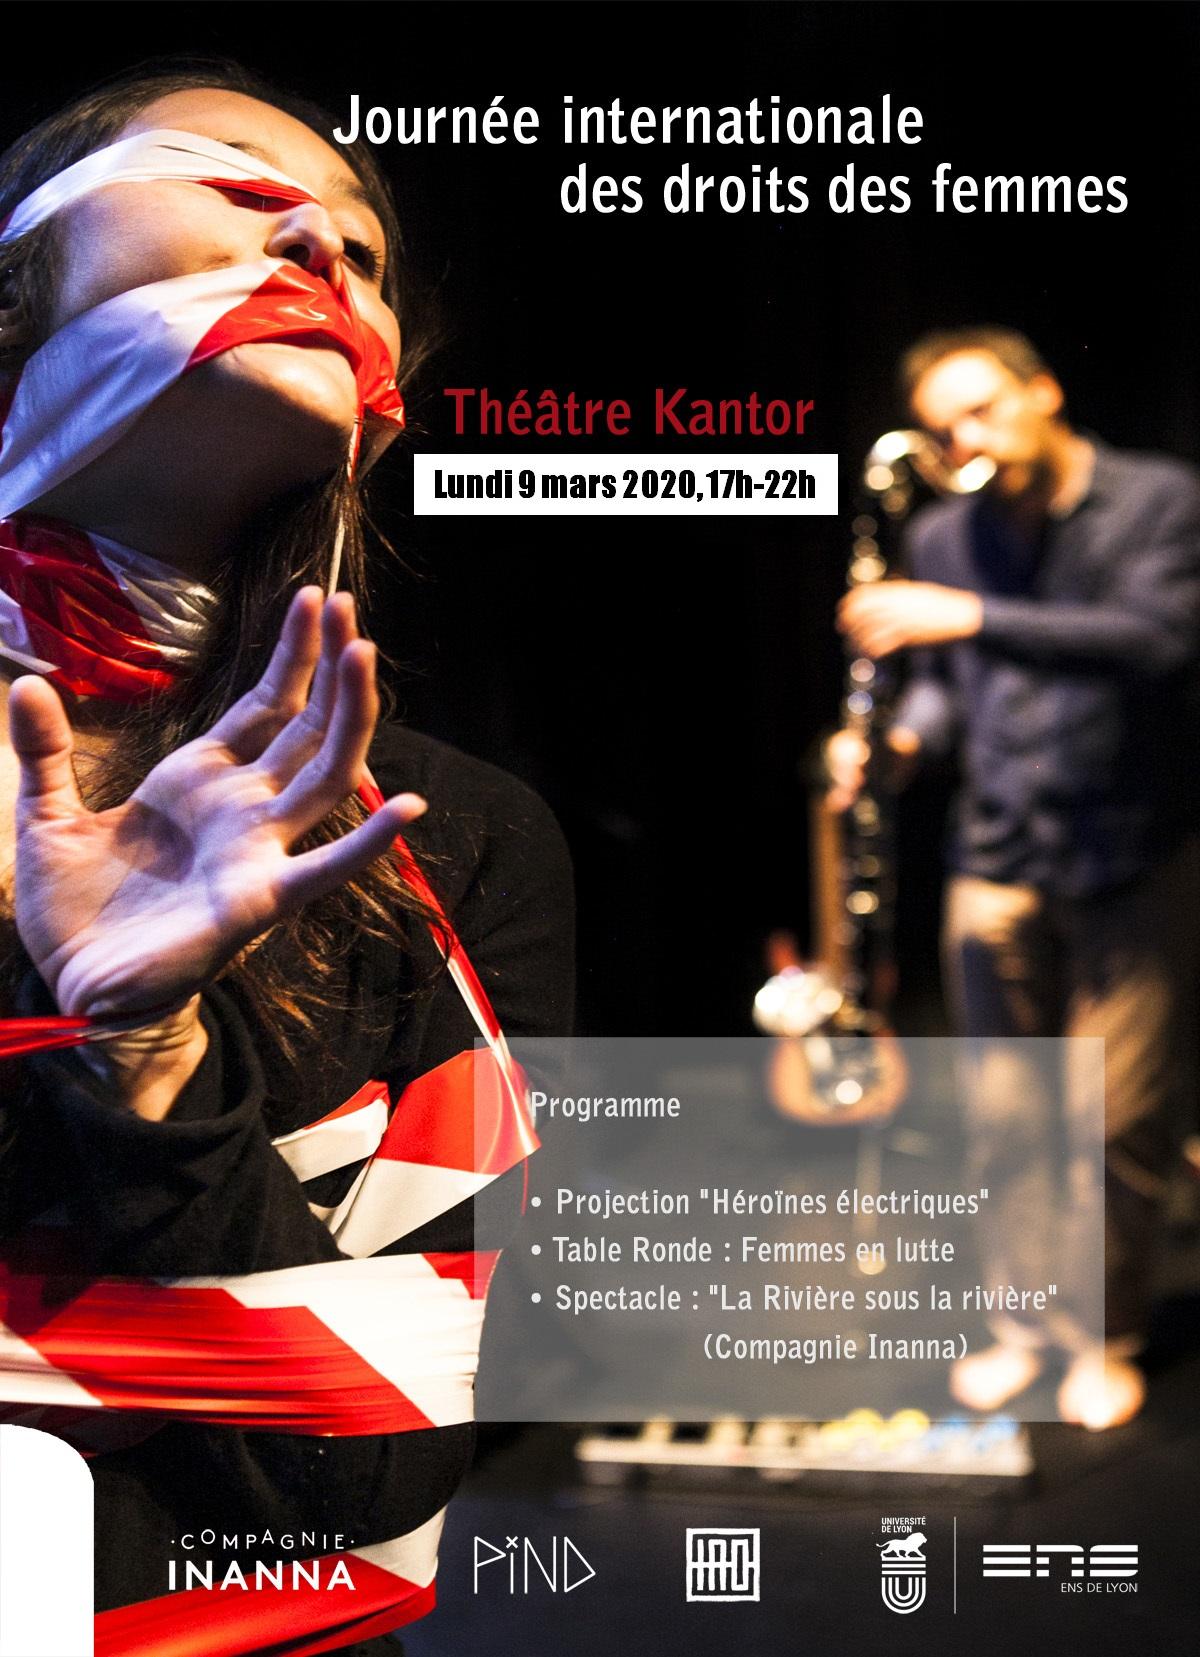 Journée internationale des droits des femmes, 9 mars 2020. Théâtre Kantor